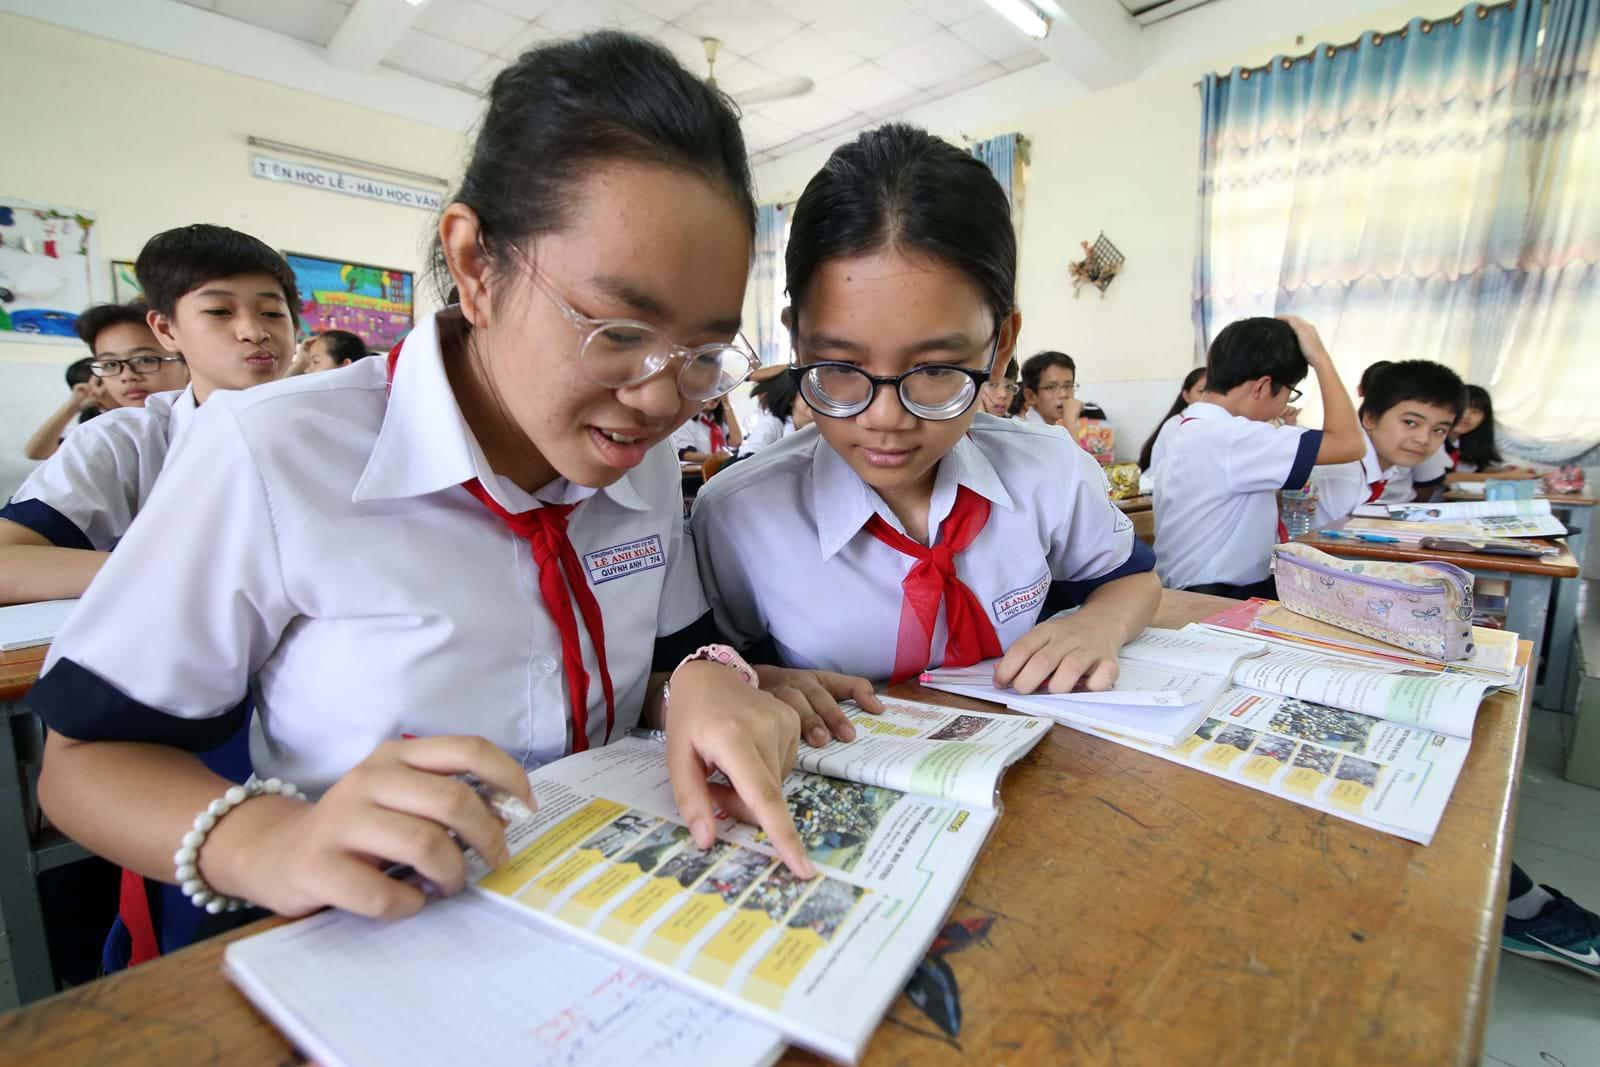 Cải cách giáo dục không phải chỉ là thay đổi chương trình và sách giáo khoa. Ảnh: Đào Ngọc Thạch